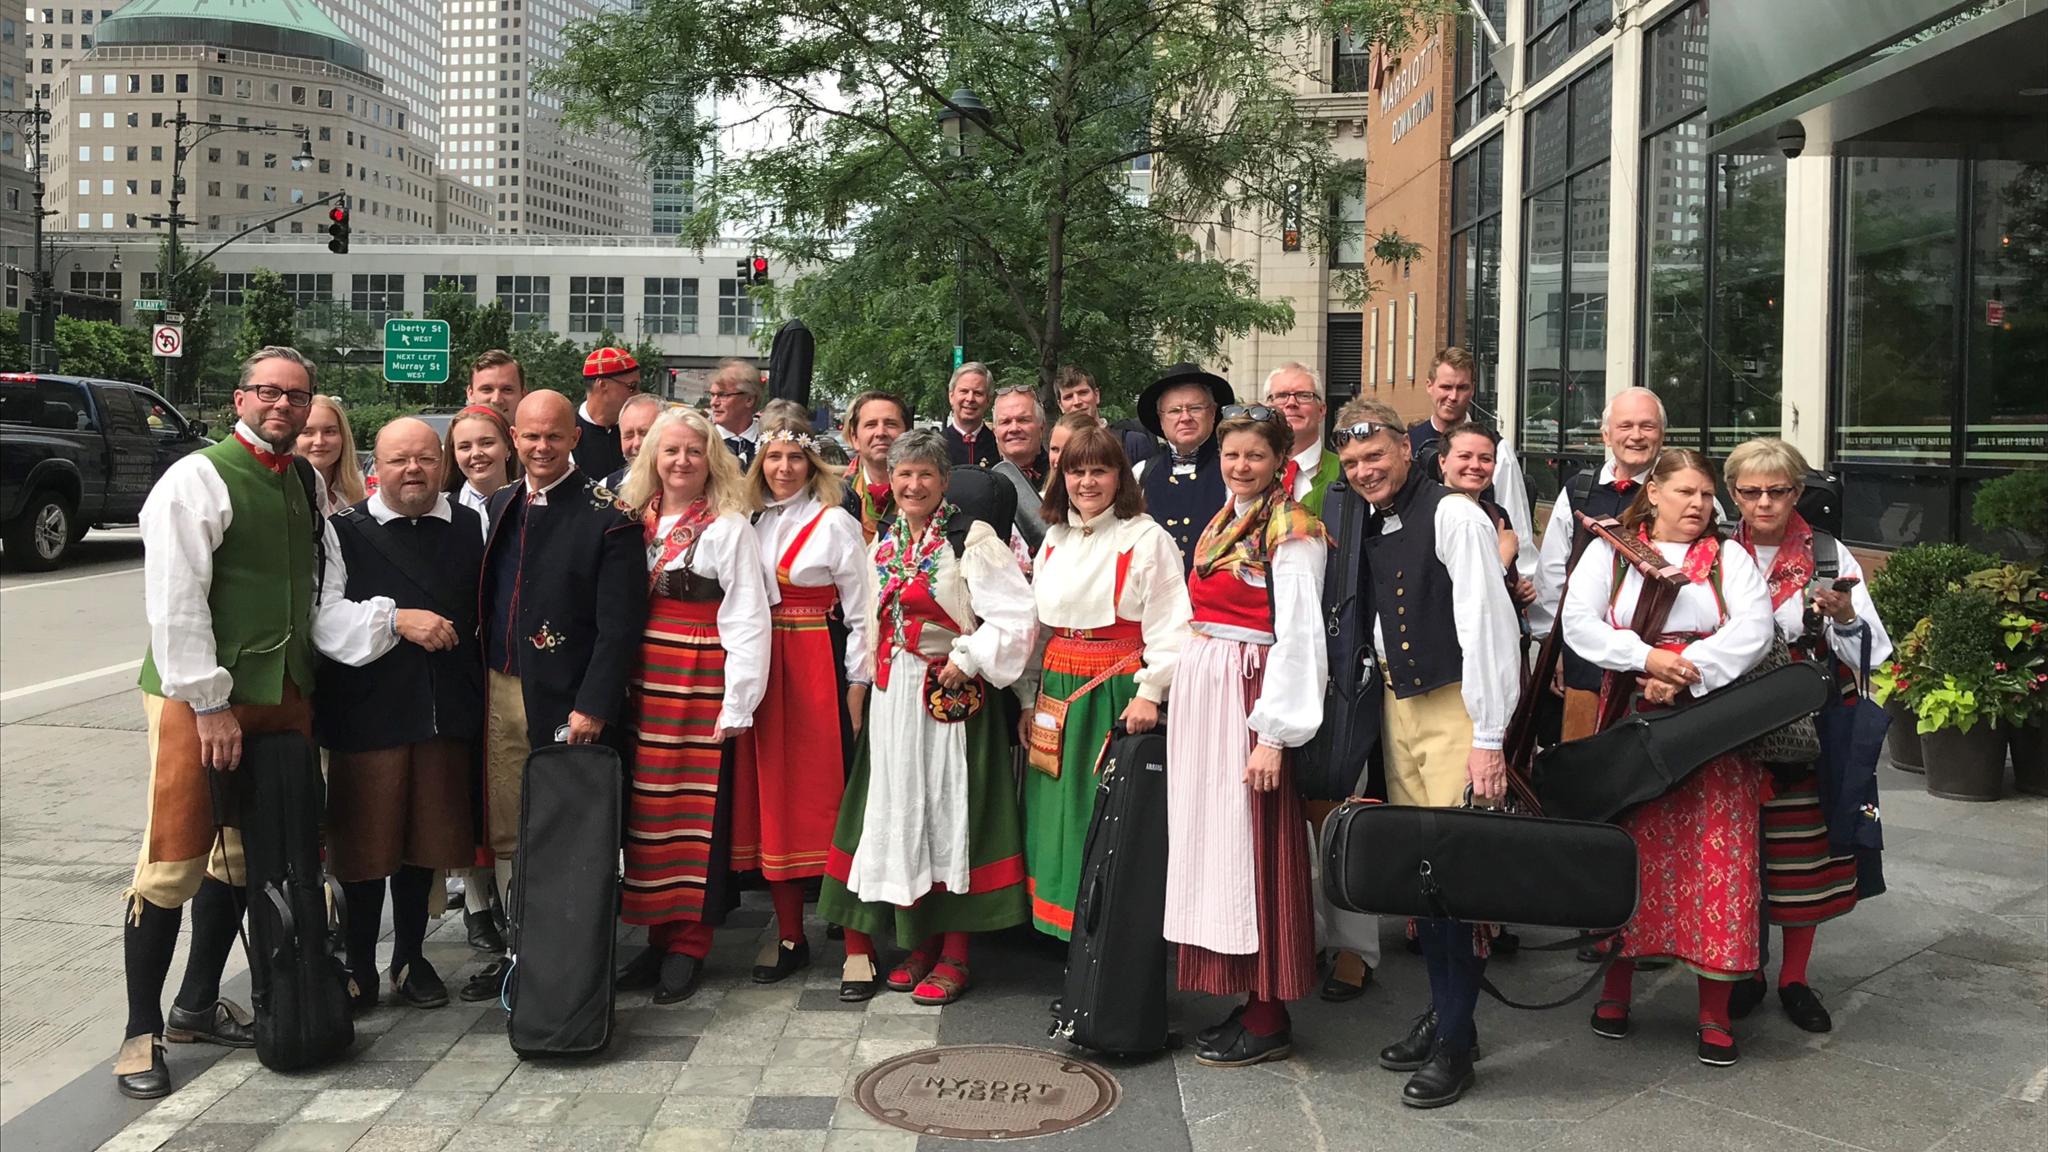 KONSERT: Amerikaorkestern – dalaspelmännen som drog till New York